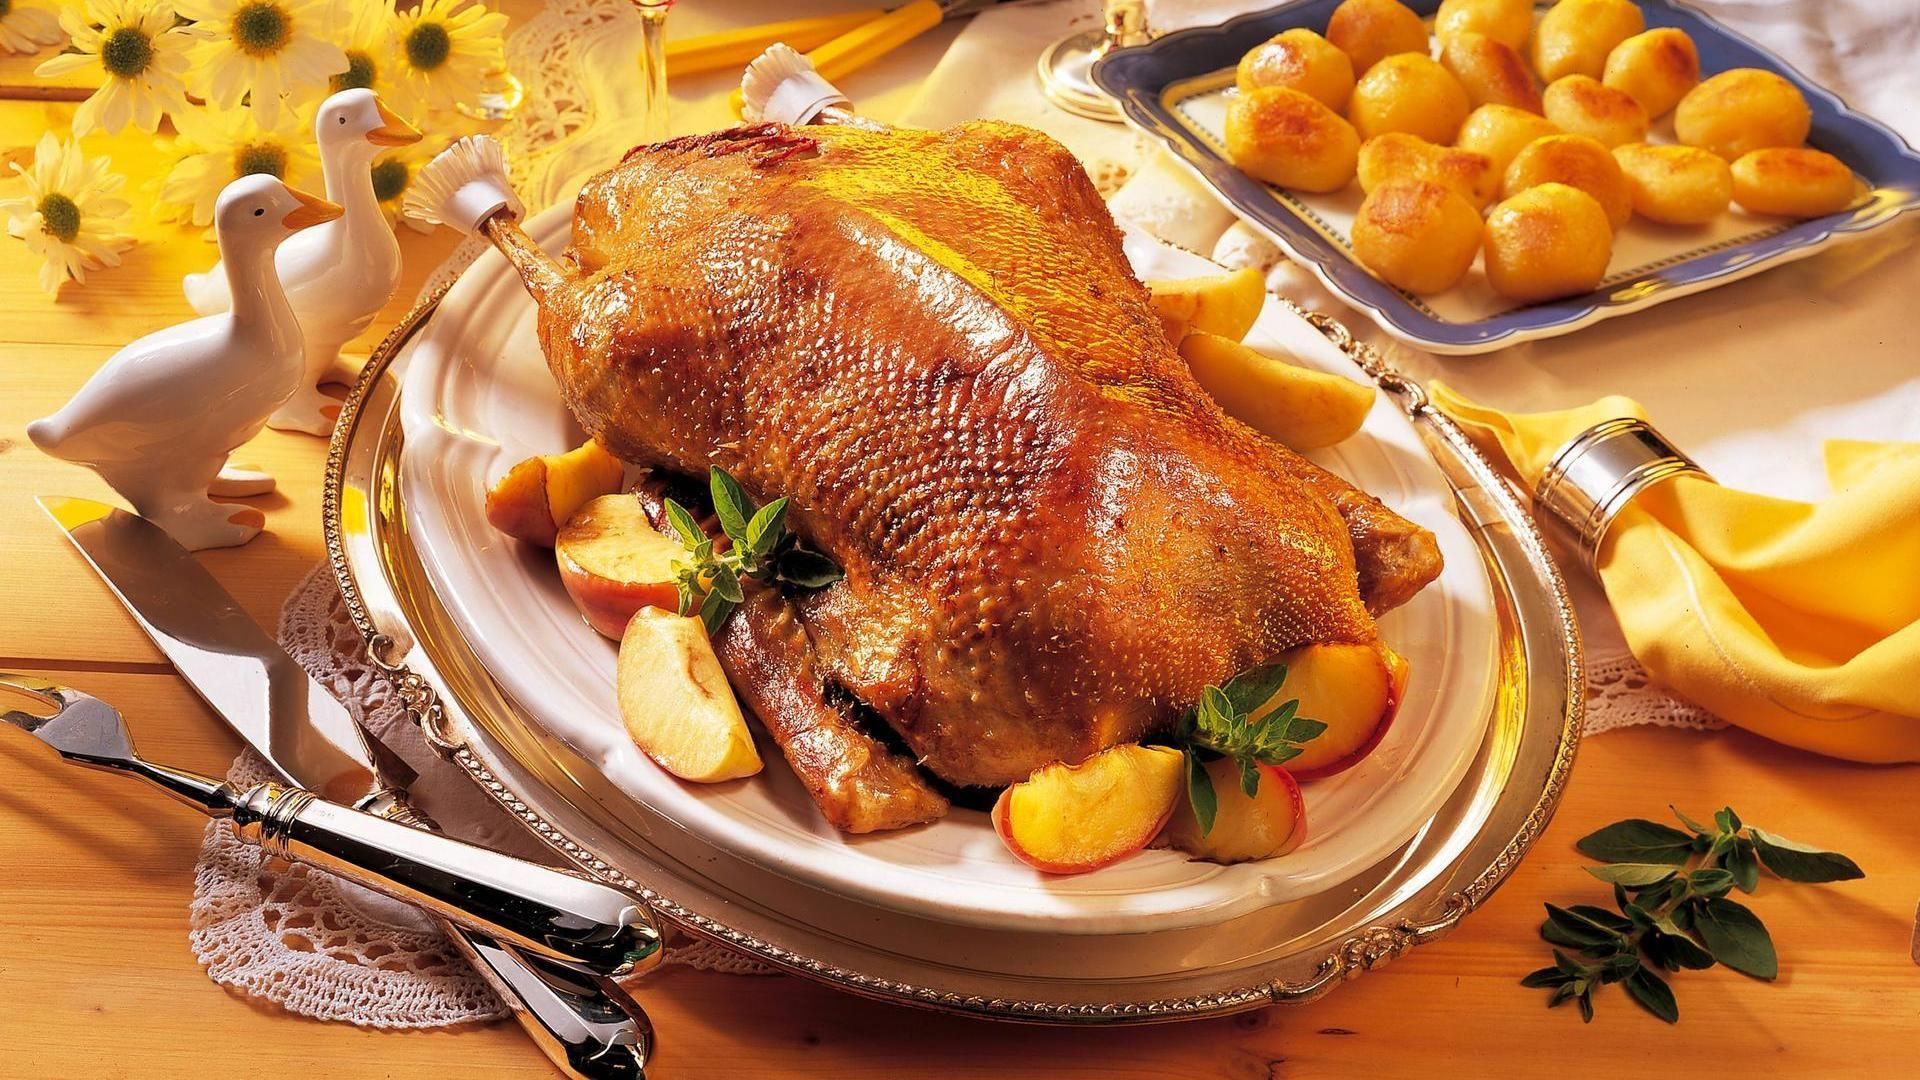 Tipps Für Weihnachtsessen.Gänsebraten So Wird Die Gans Knusprig Und Saftig Weihnachtsessen